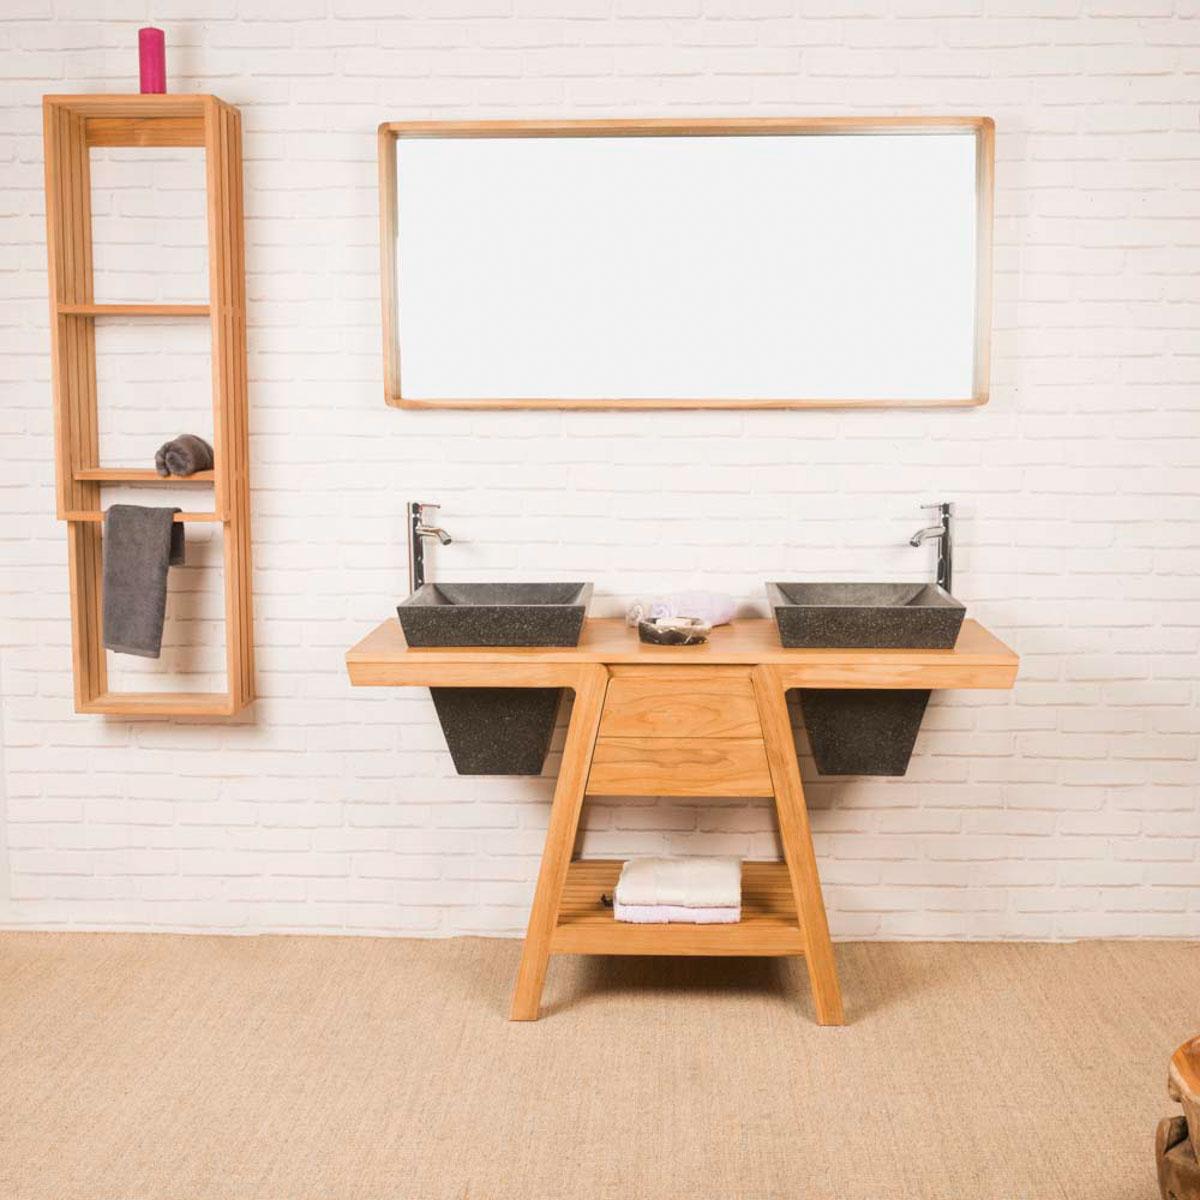 meuble salle de bain meuble sous vasque teck kh ops 140 cm. Black Bedroom Furniture Sets. Home Design Ideas